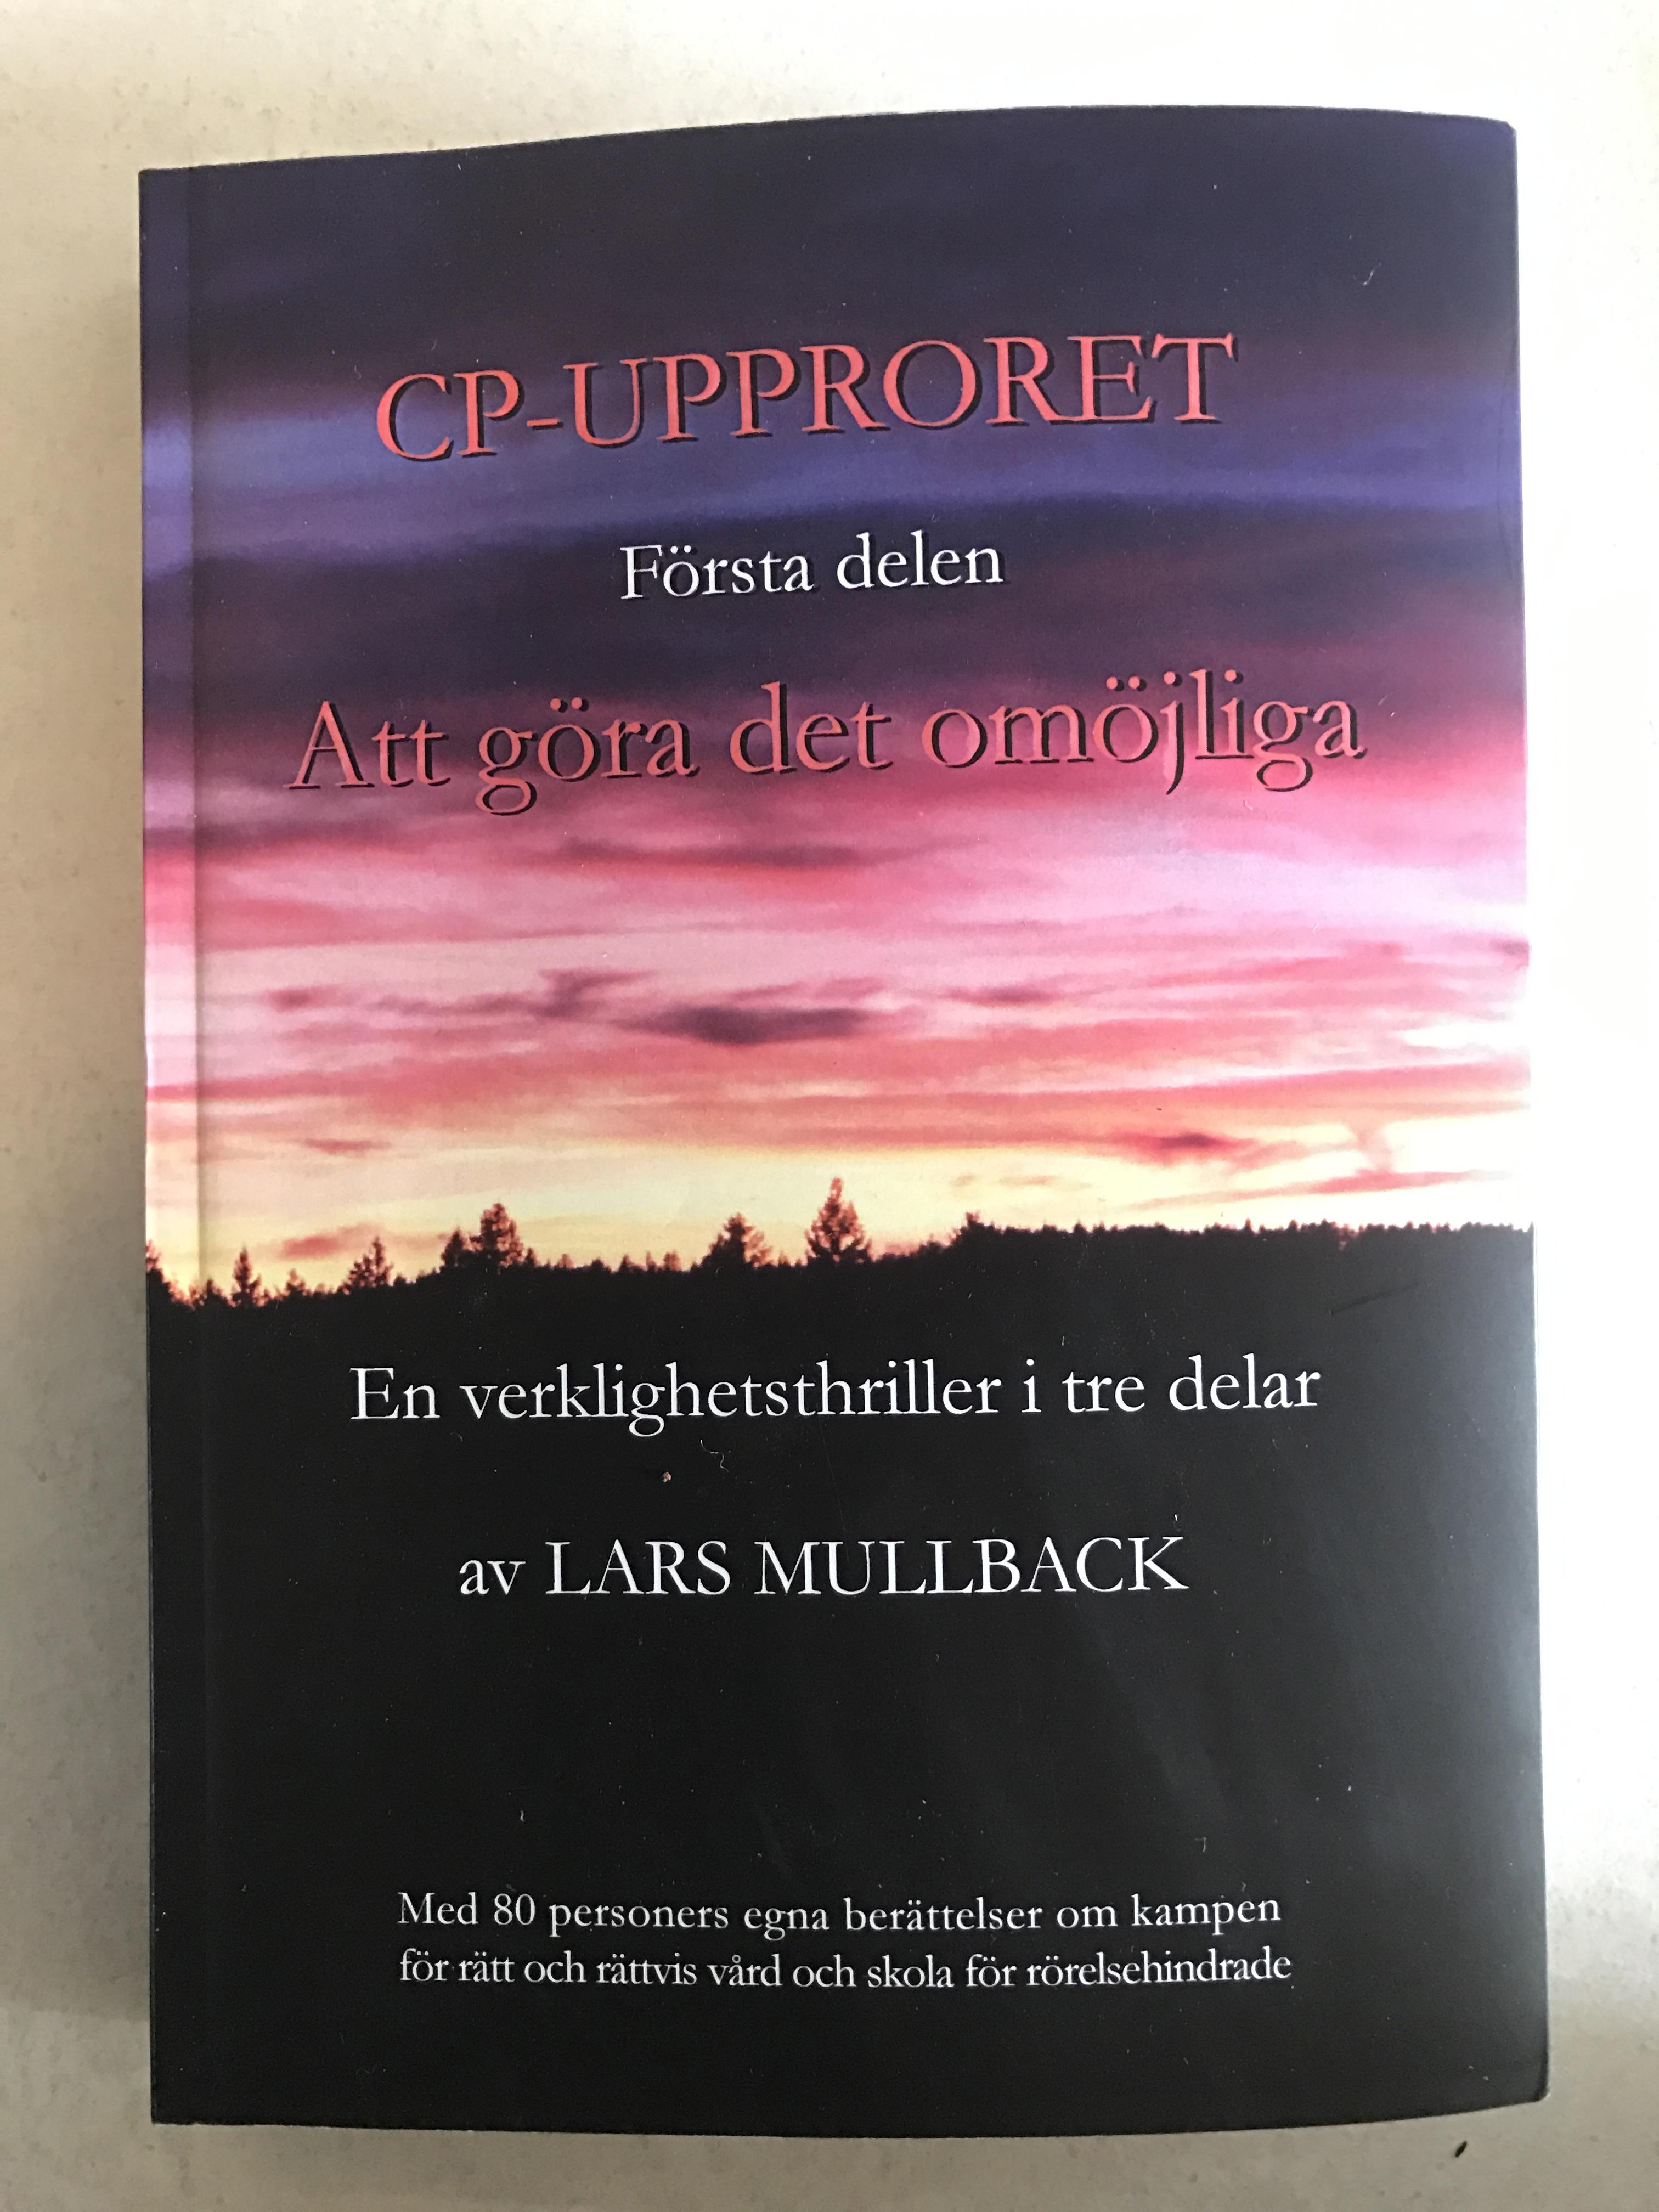 Kulturstipendium till lars mullback